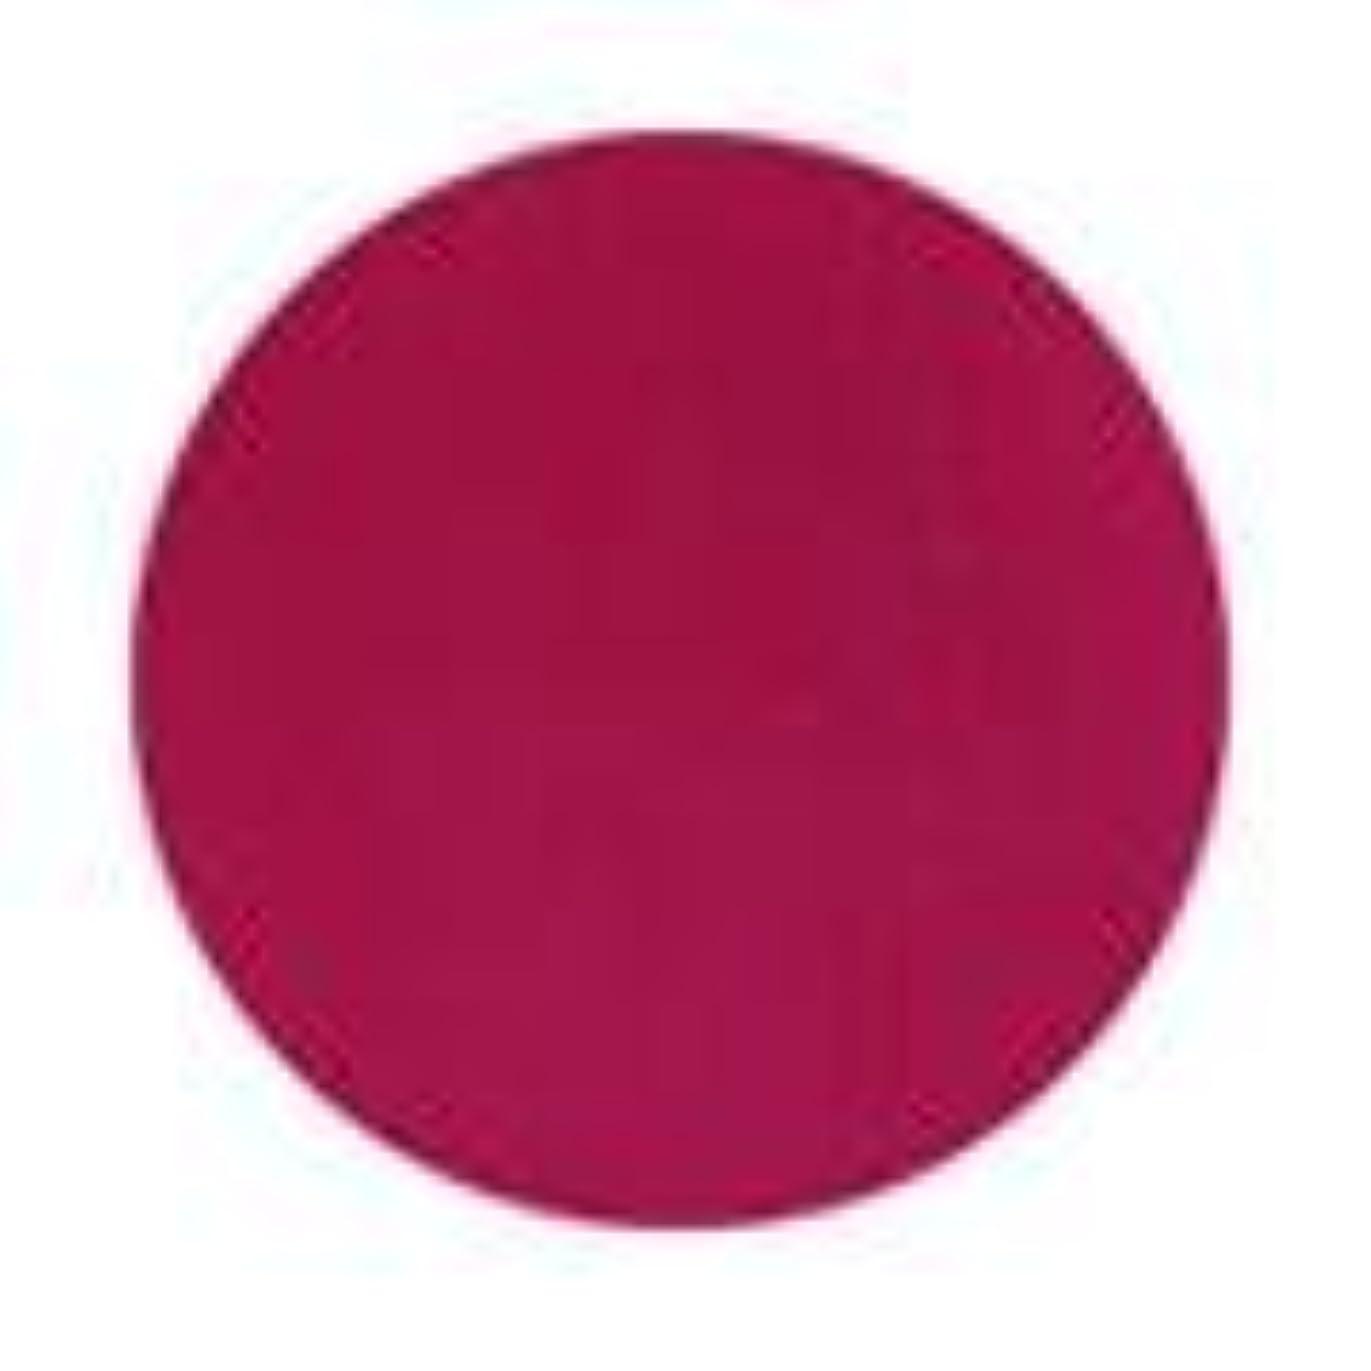 チャペル融合研究所Jessica ジェレレーション カラー 15ml  950 ワイルドベリーズ